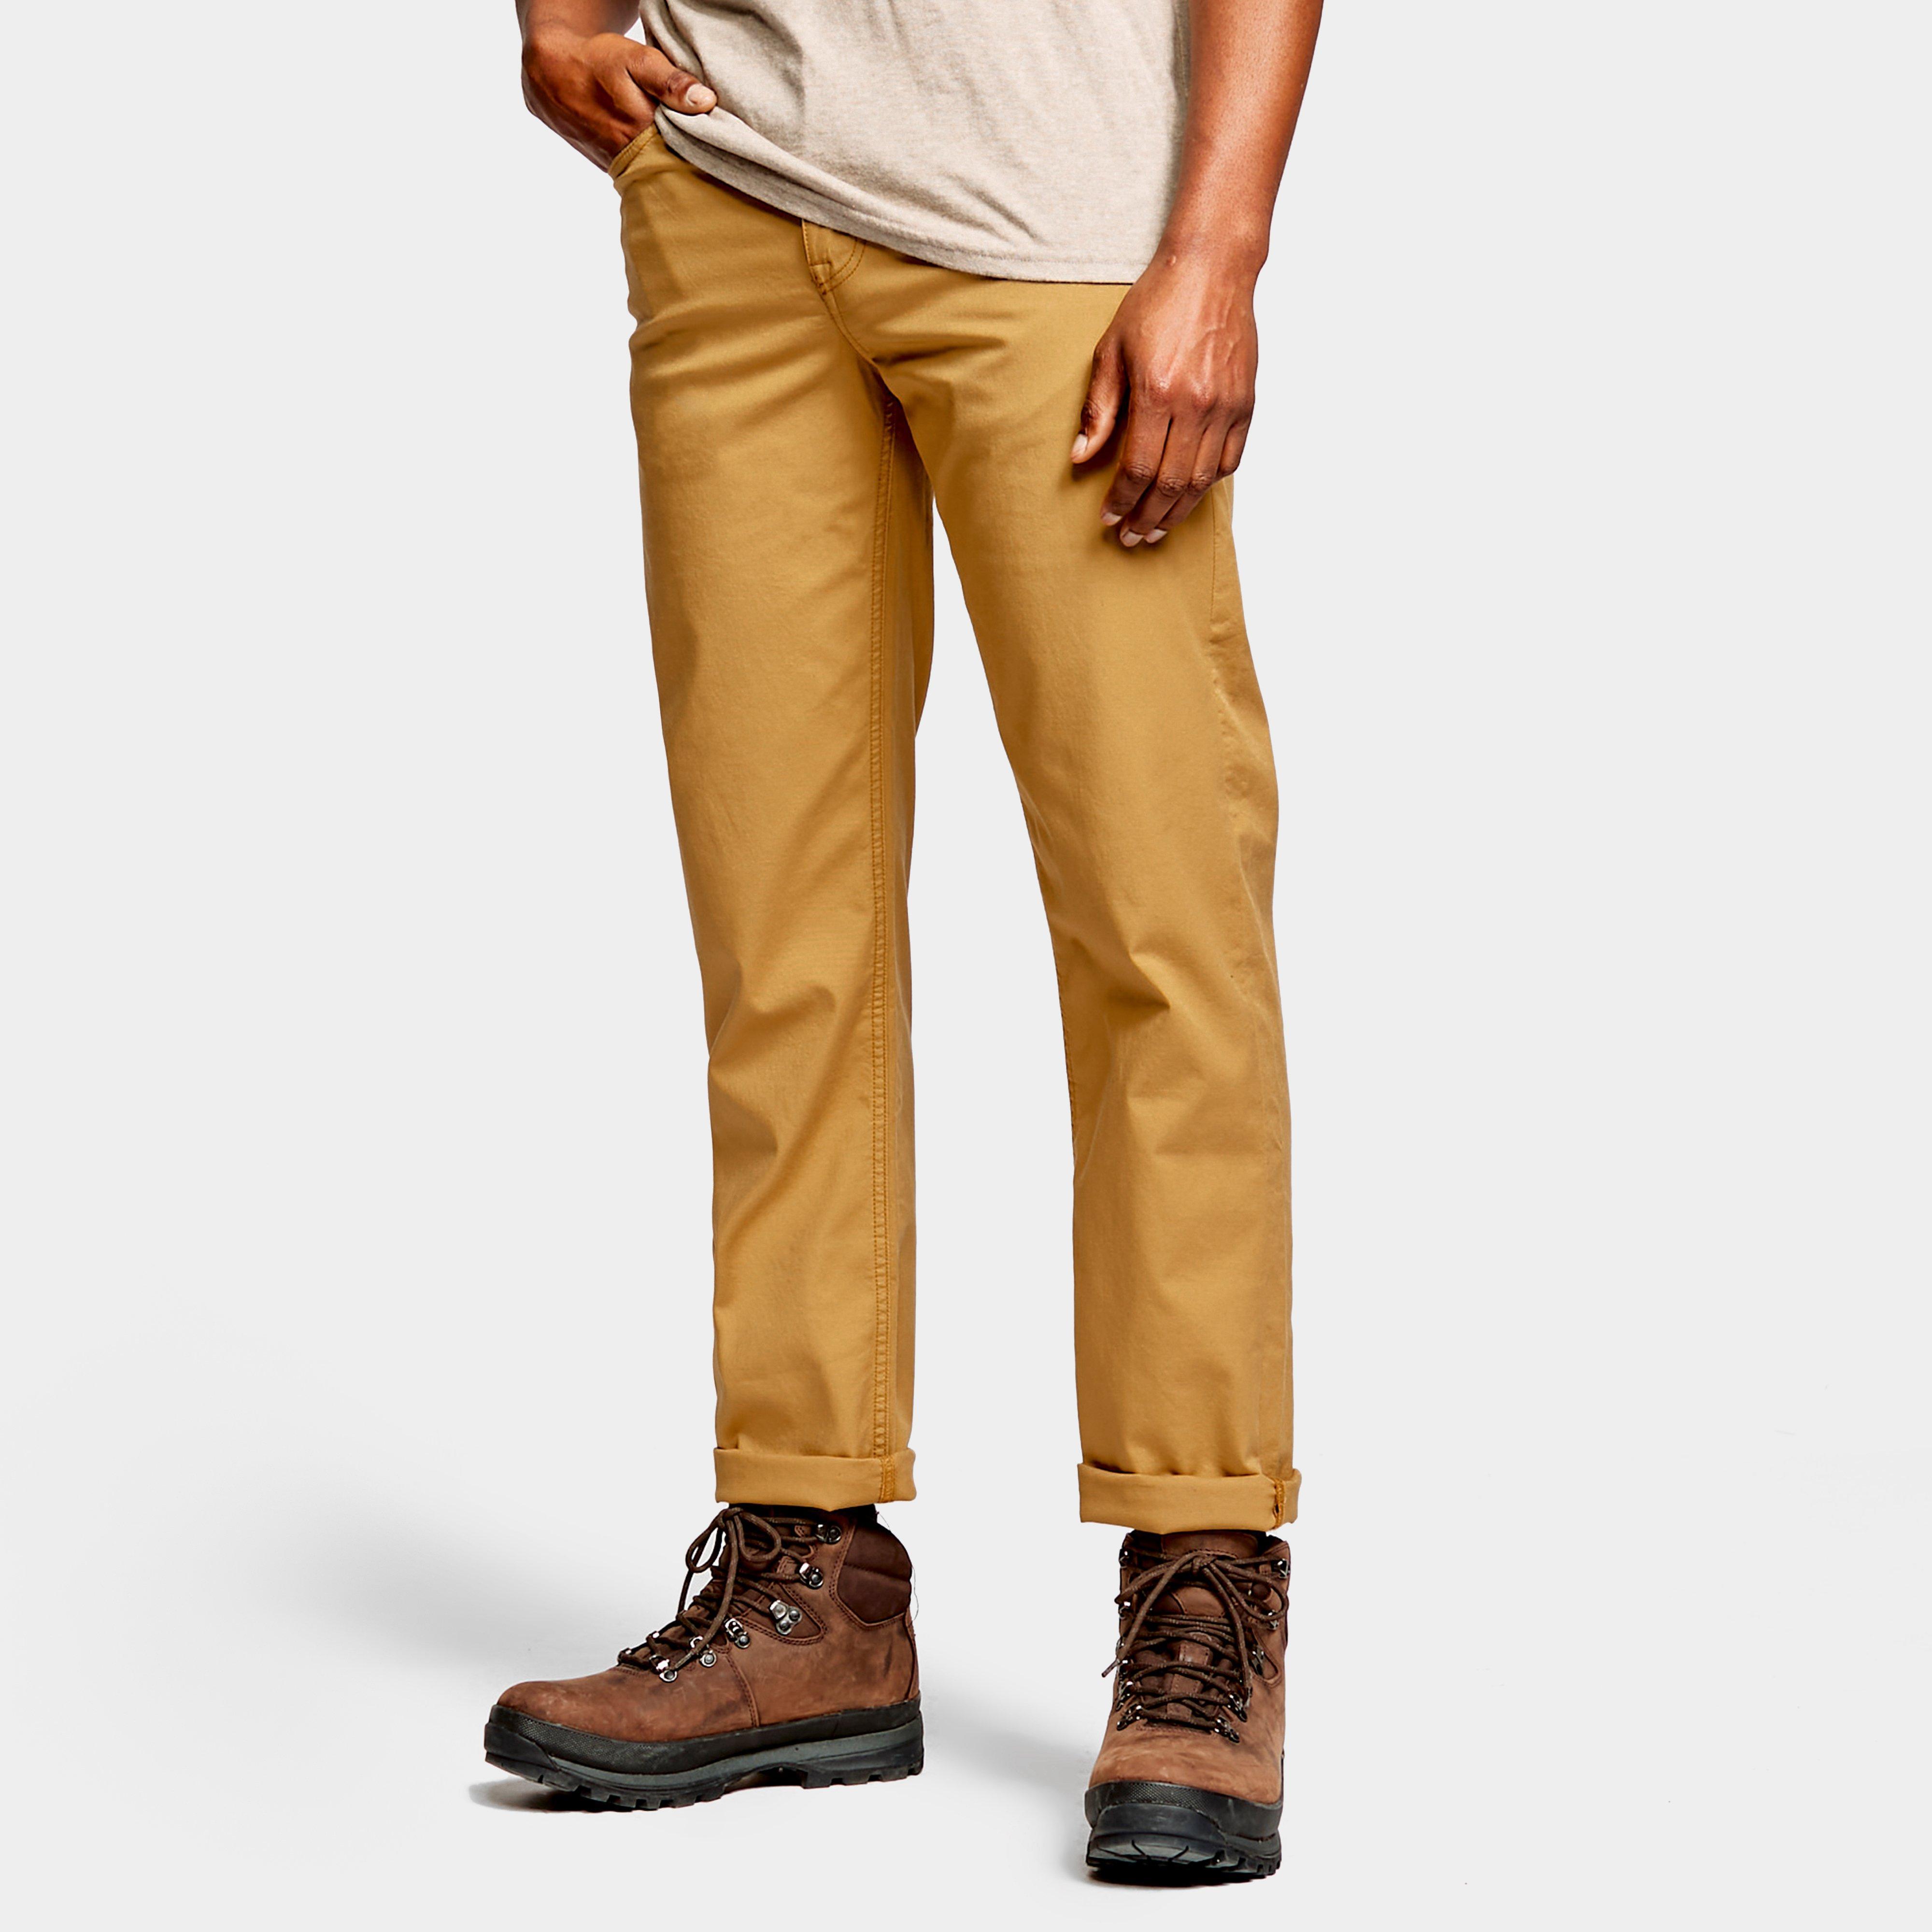 Prana Men's Ulterior Pants - Brown/Brown, Brown